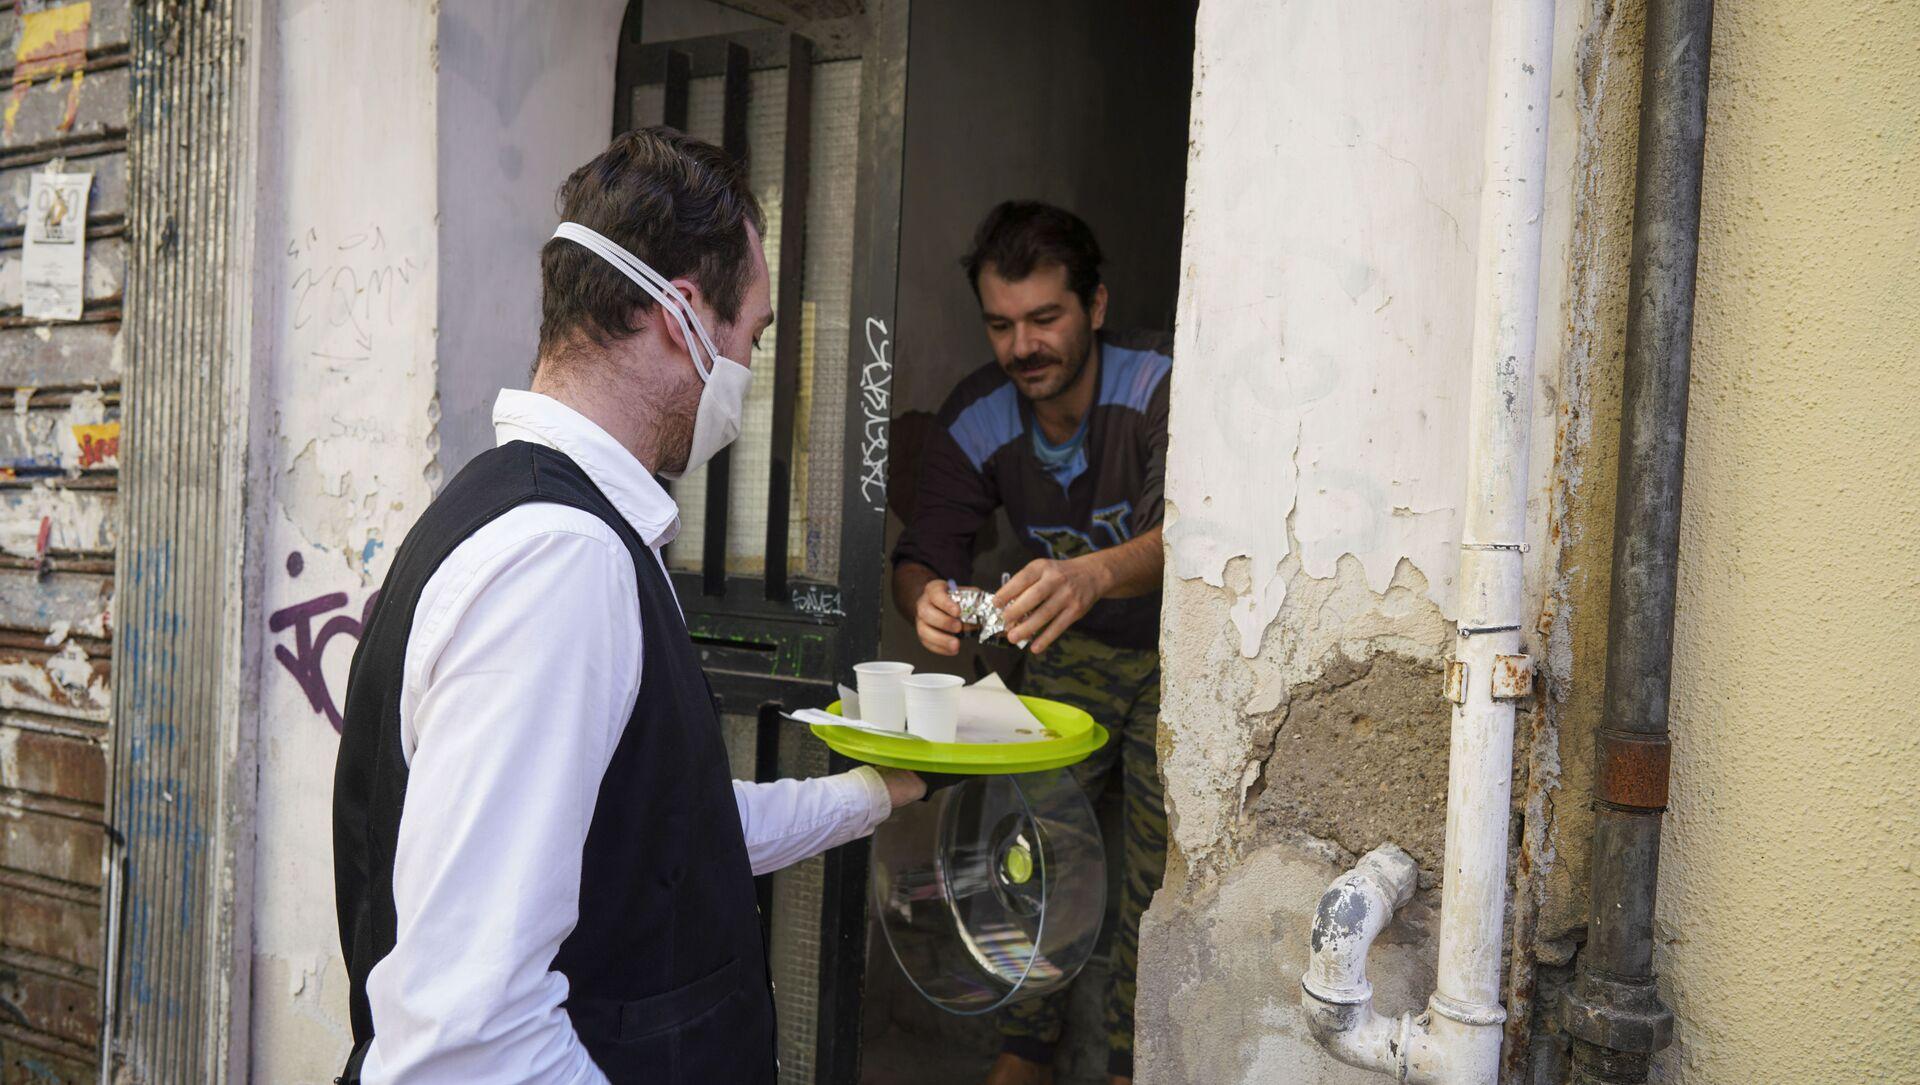 La consegna di caffè a domicilio a Napoli - Sputnik Italia, 1920, 08.03.2021